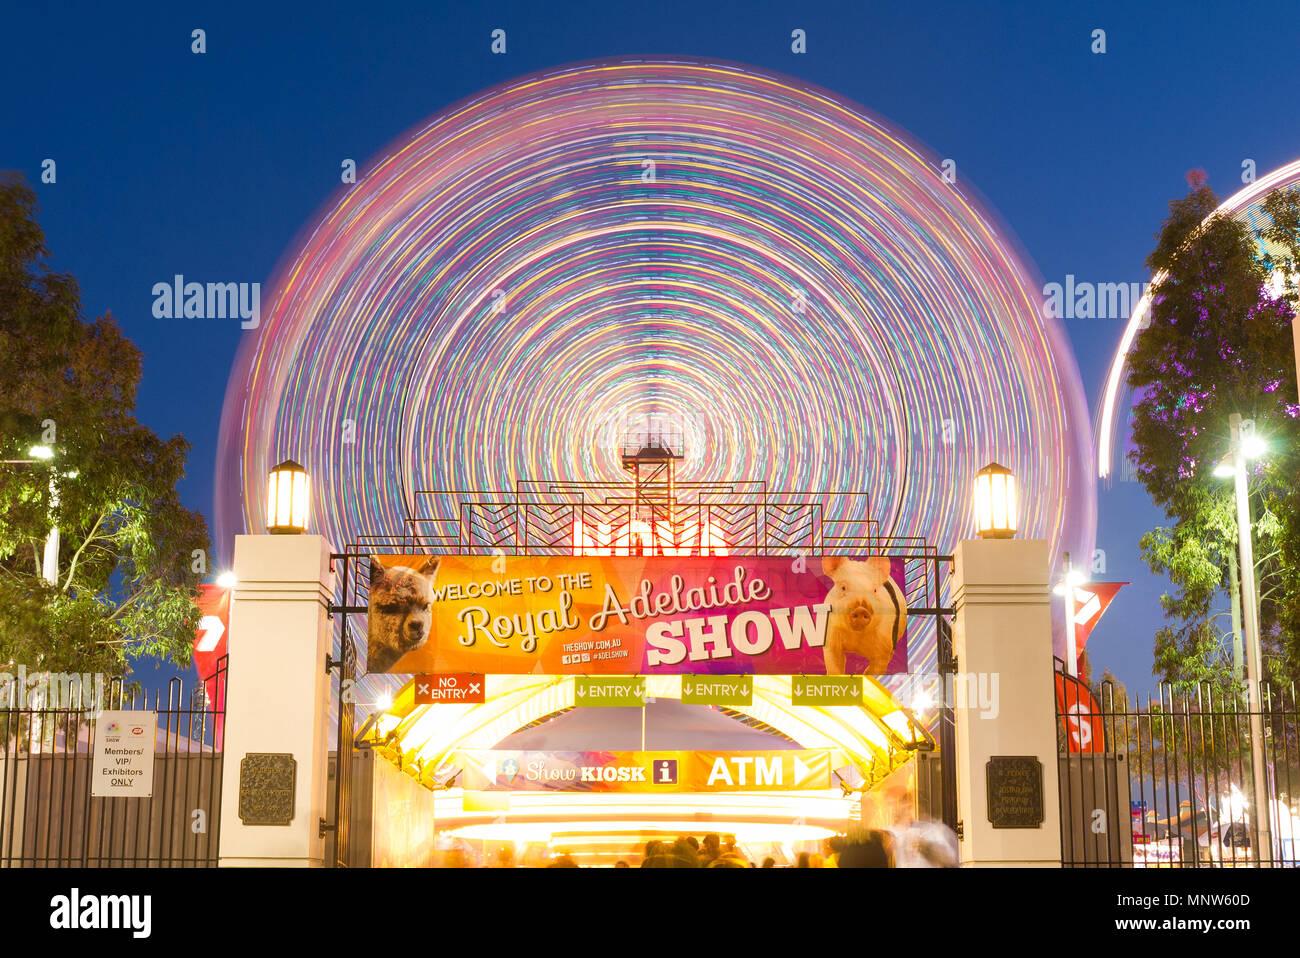 Das Royal Adelaide Show ist eine beliebte jährliche Veranstaltung in South Australia, Australien mit einer Auswahl an Karneval Fahrten und Unterhaltung. Stockbild